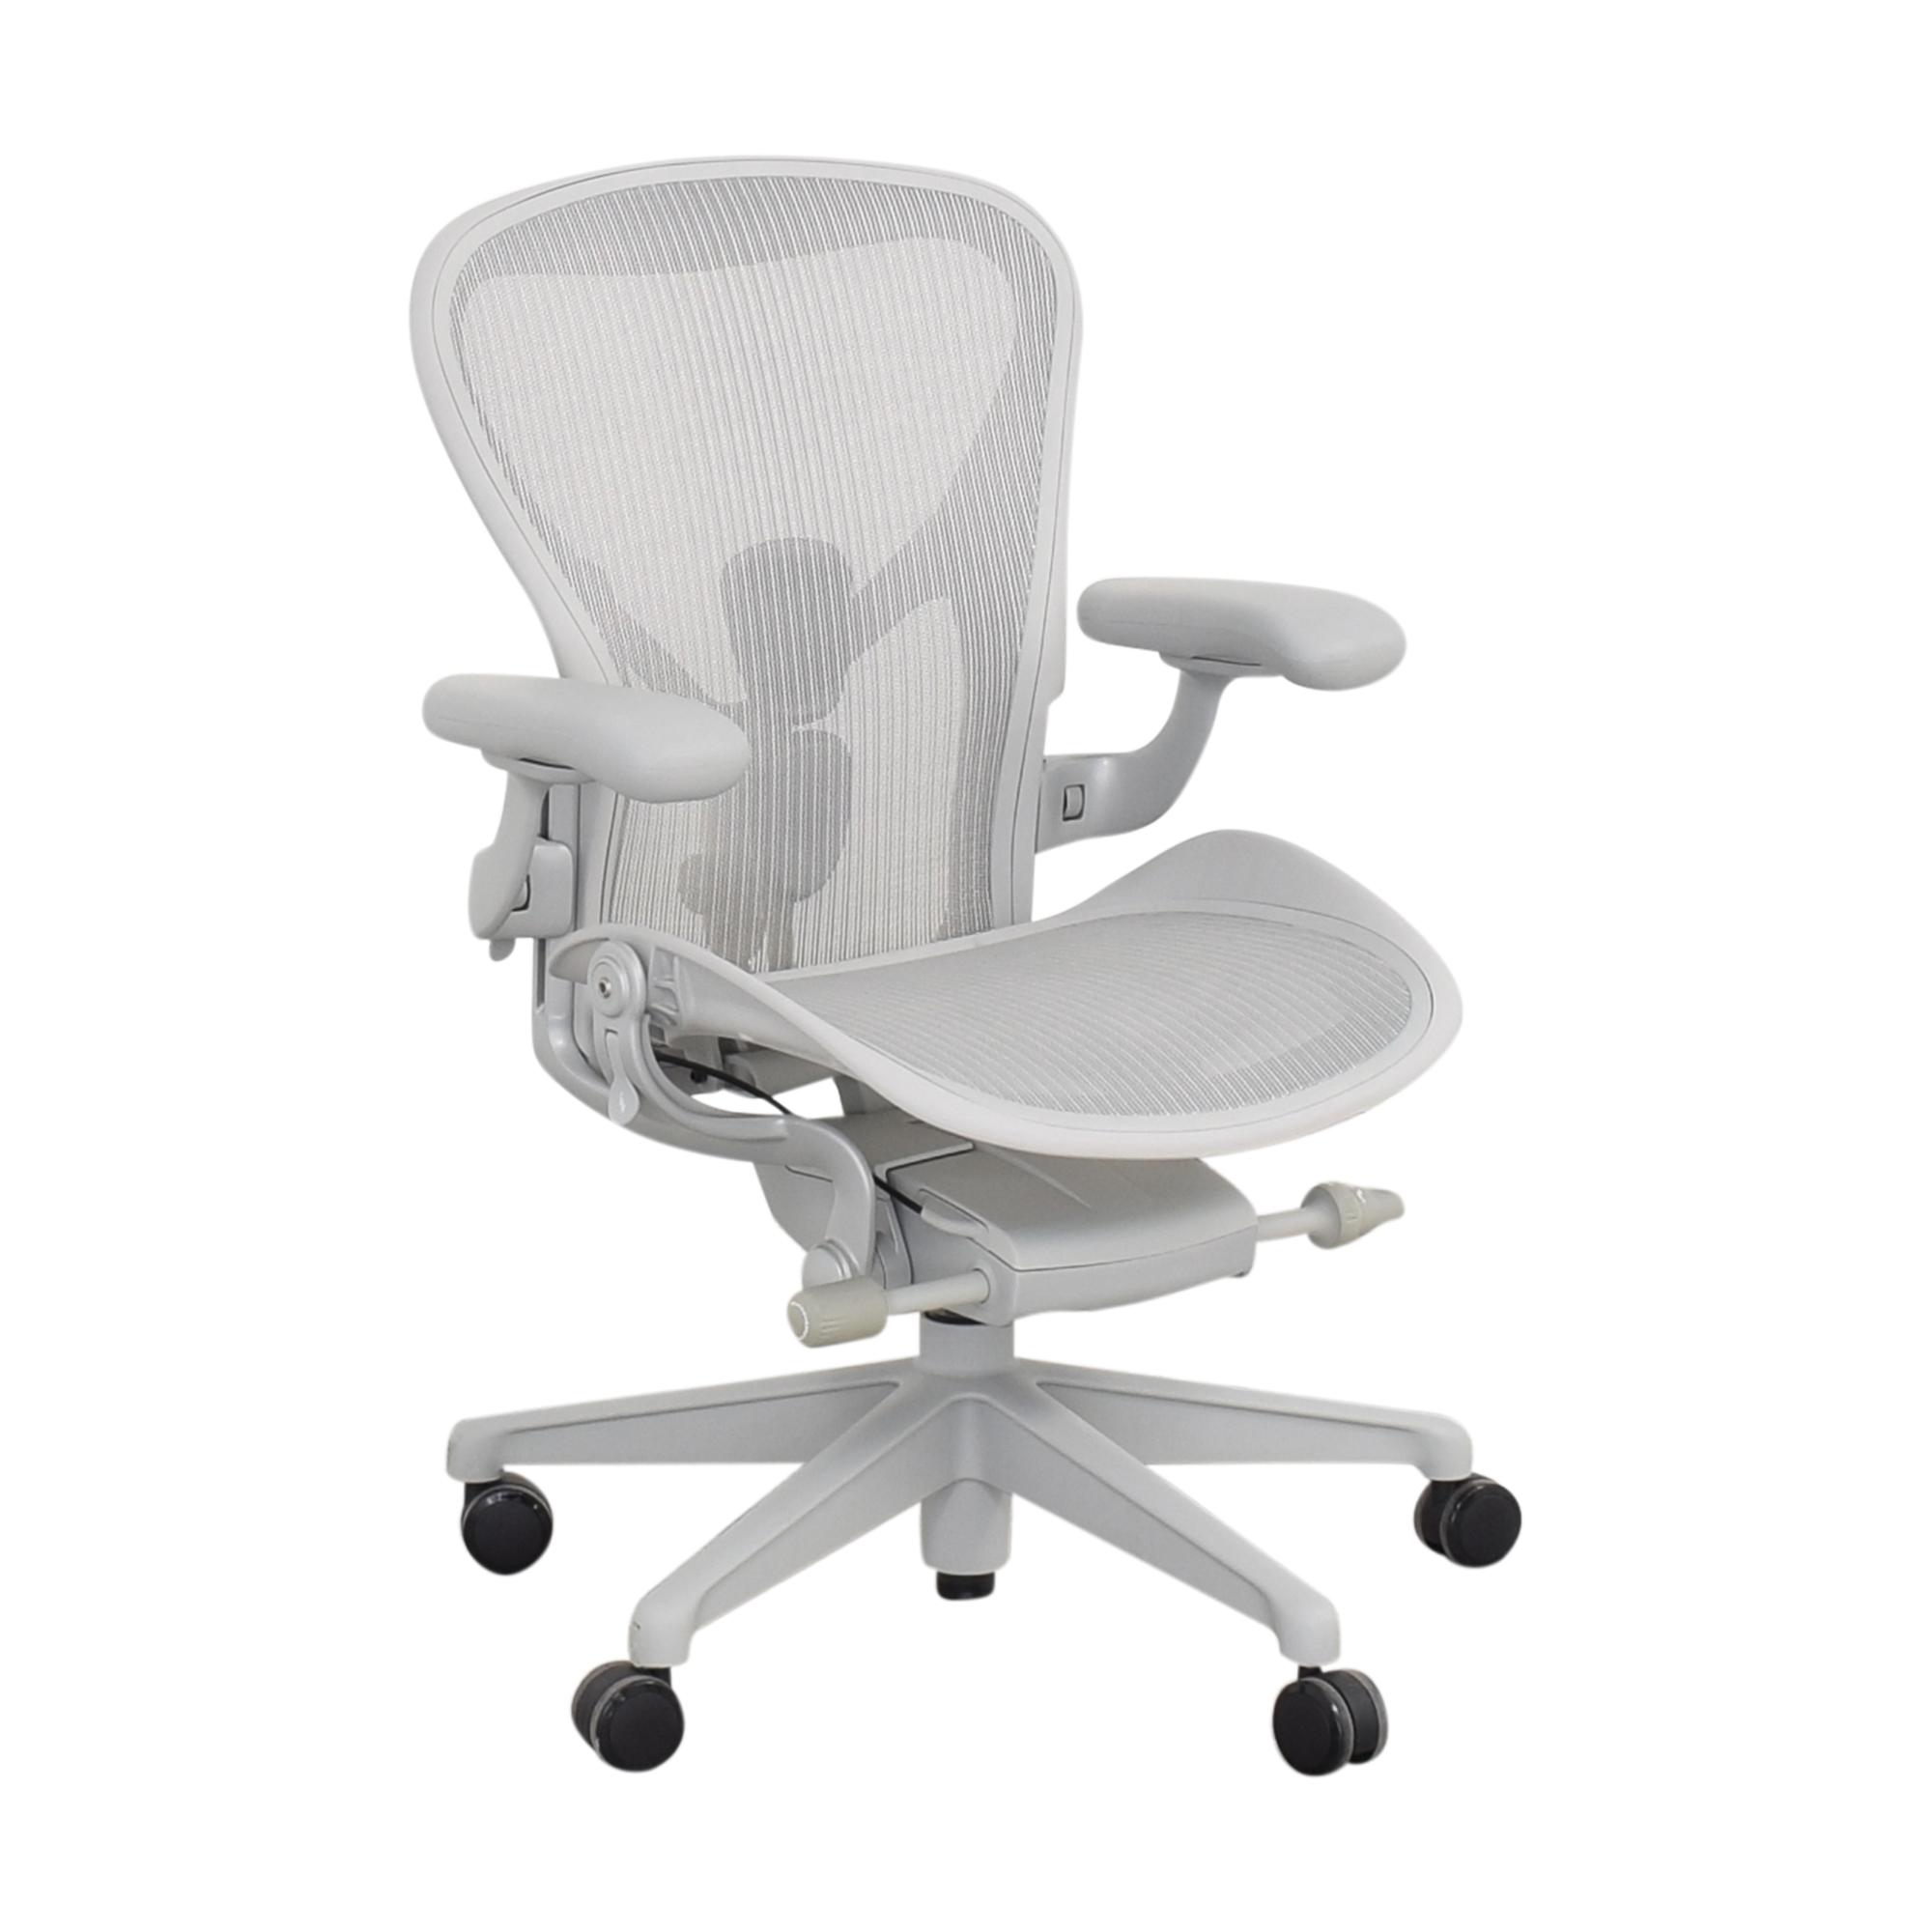 Herman Miller Herman Miller Size B Aeron Chair light grey